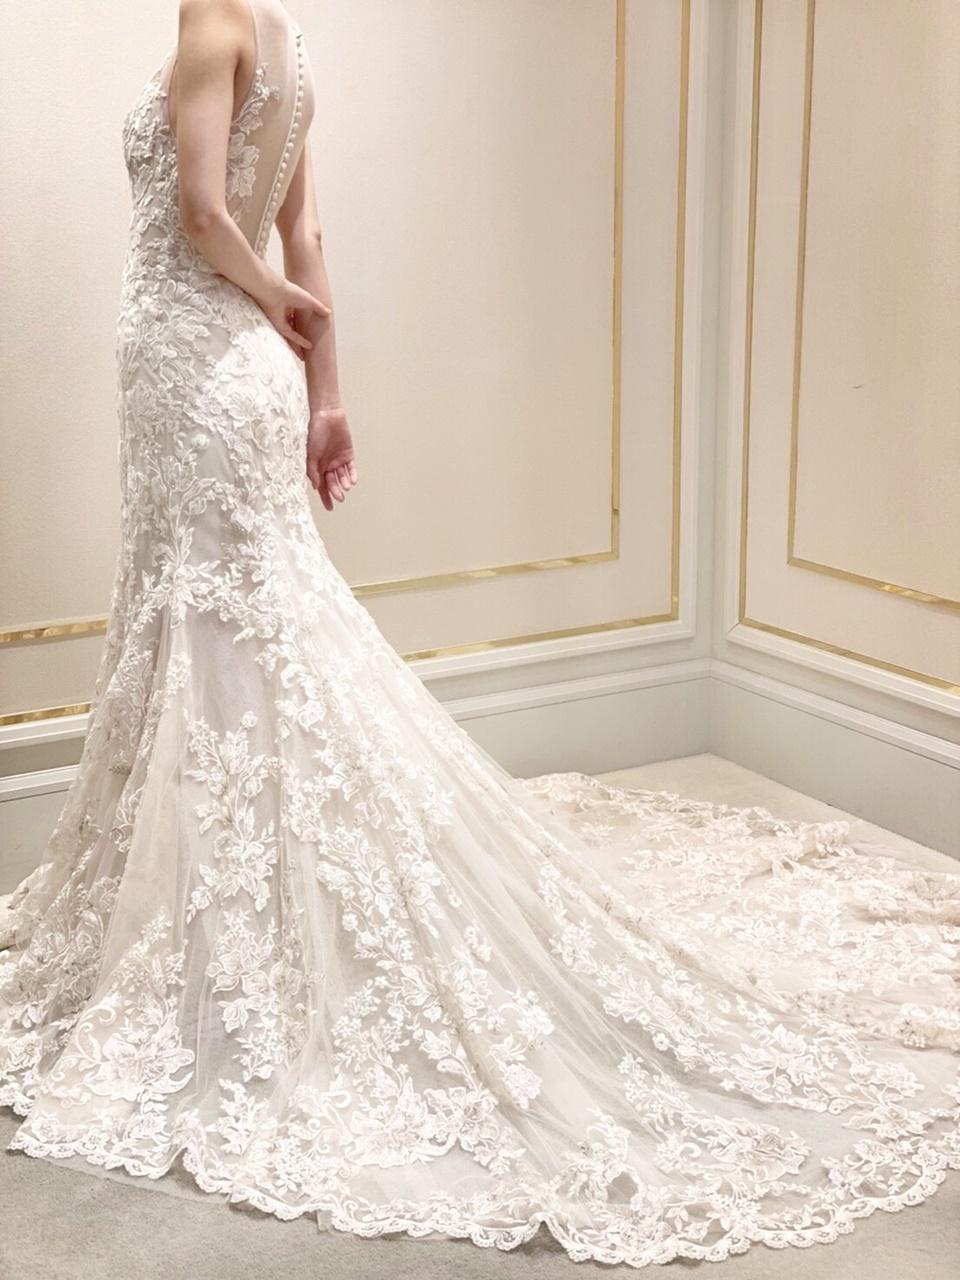 ガーデンが美しい結婚式会場におすすめのブリス モニークルイリエのレースワークが美しいマーメイドドレス